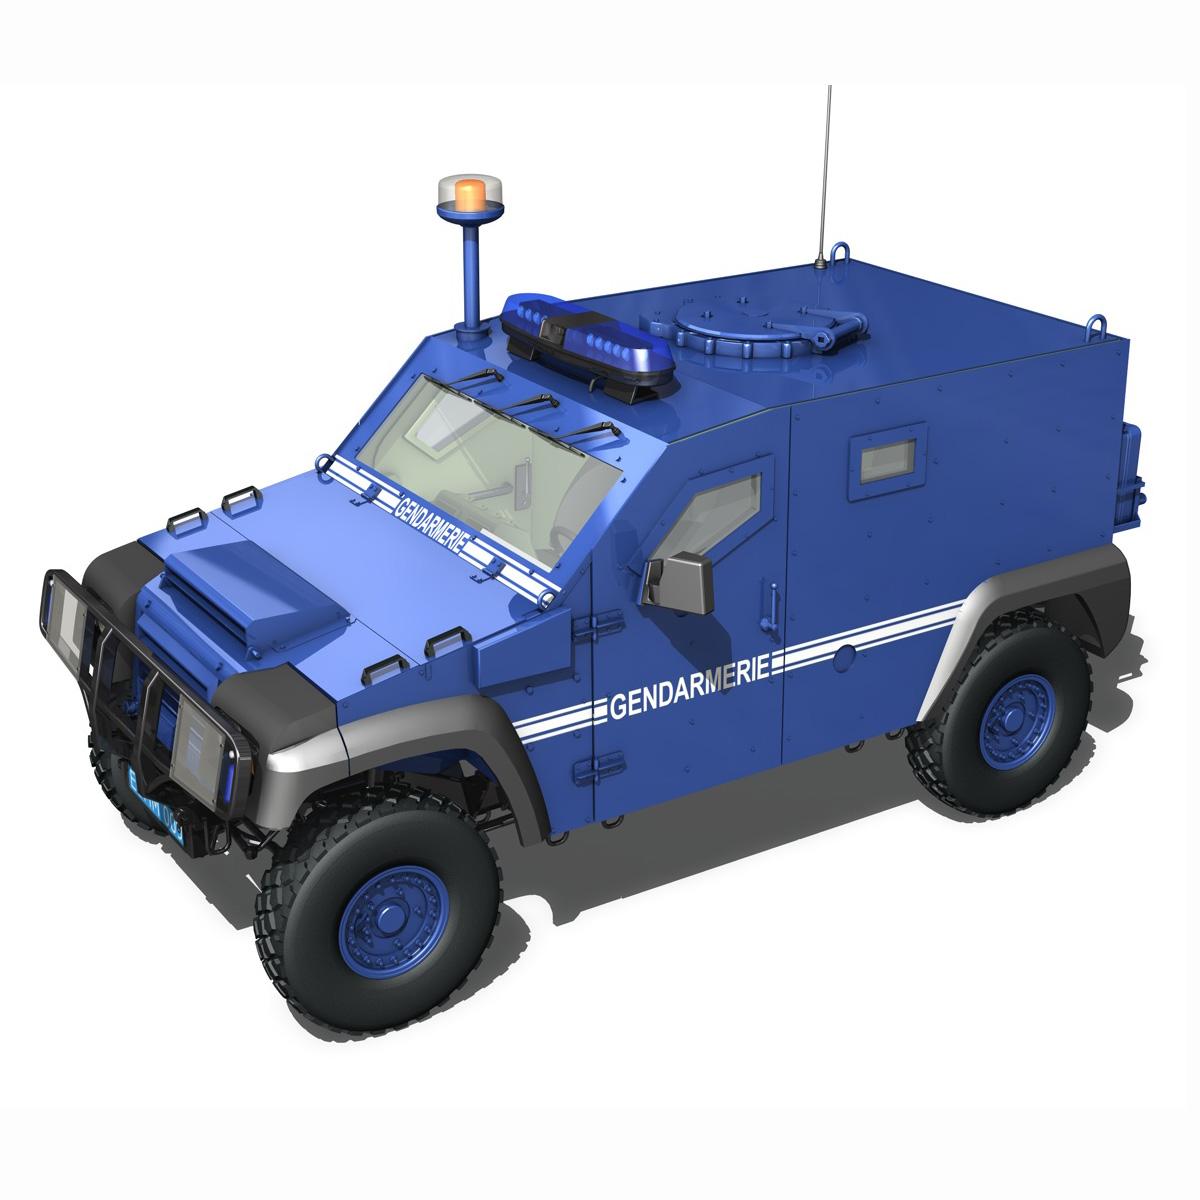 auverland panhard pvp – gendarmerie 3d model 3ds fbx c4d lwo obj 190067